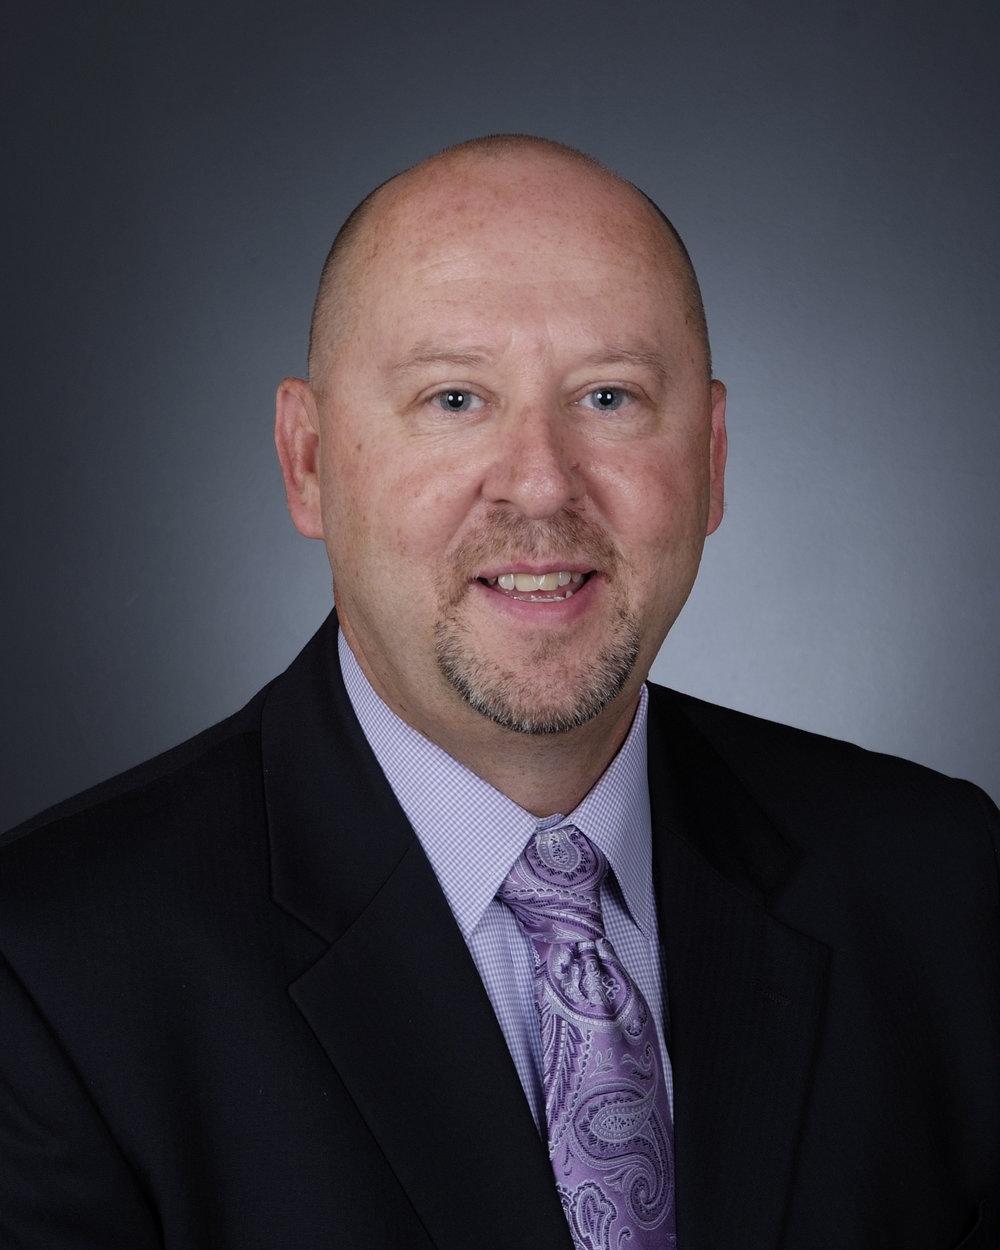 Dr. Kevin Daniel